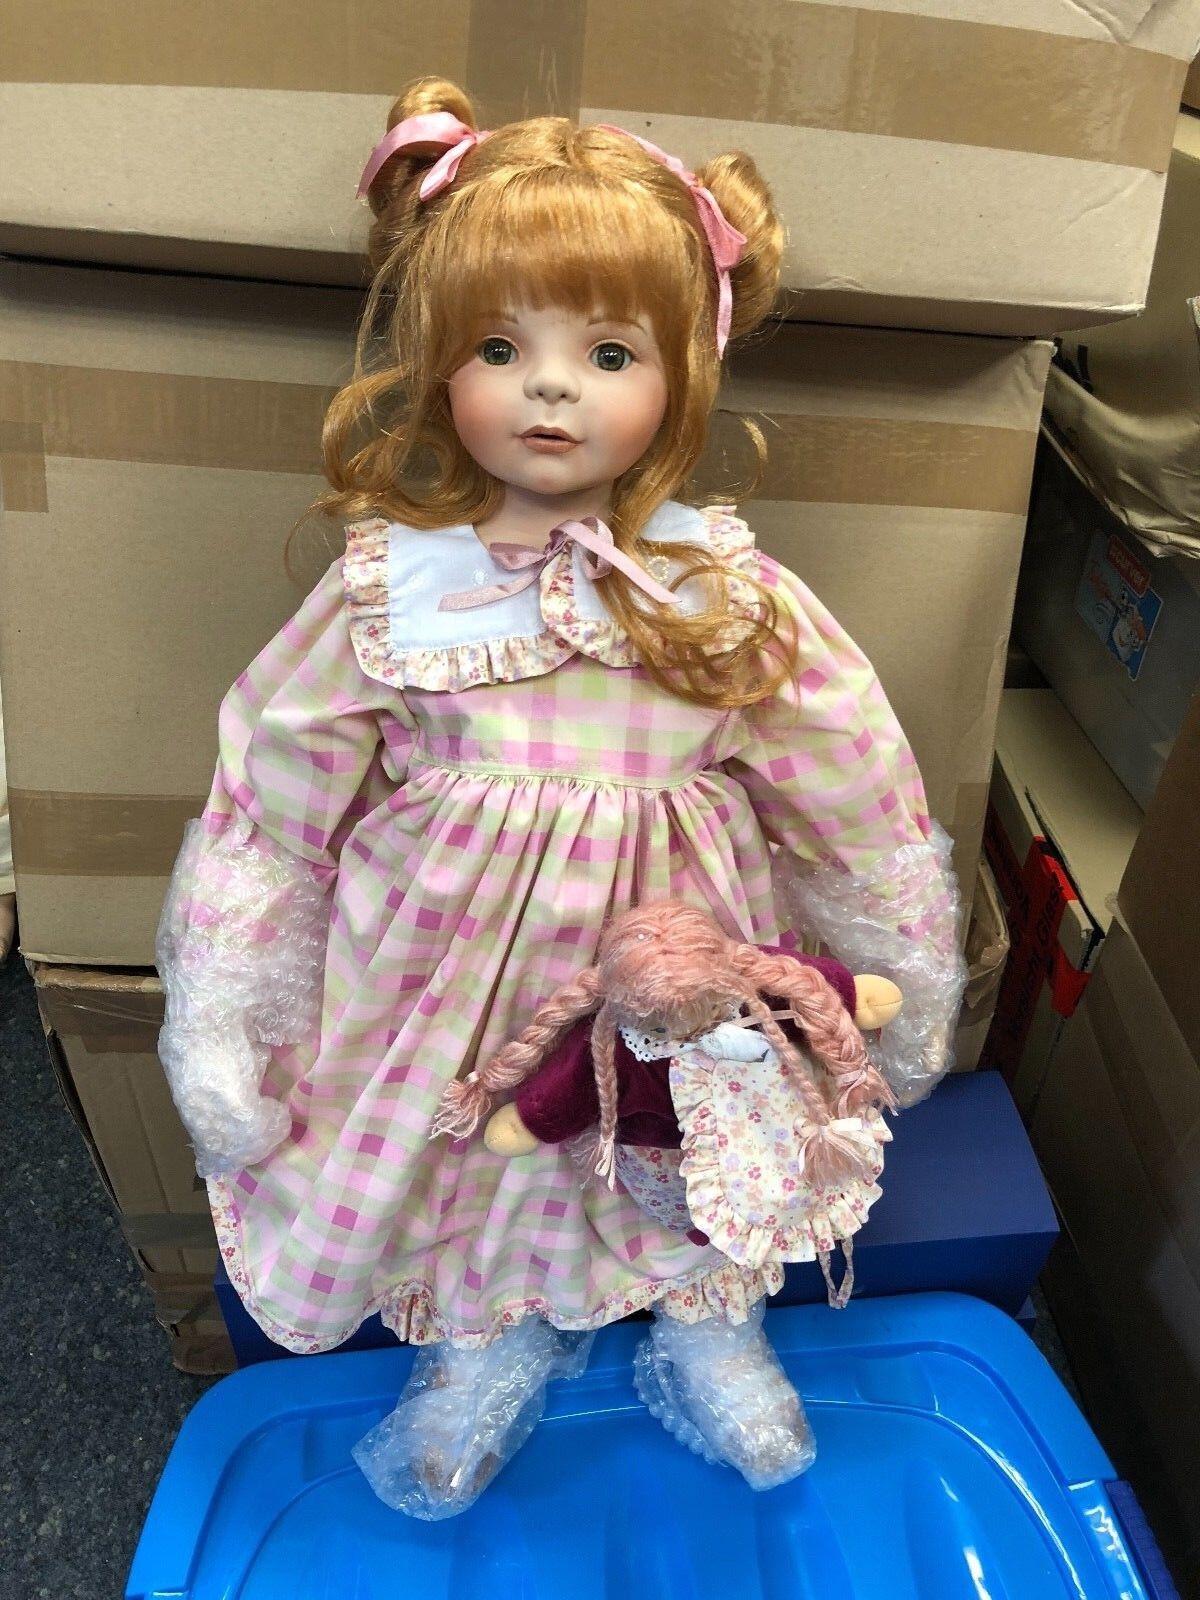 Monika peter leicht ⭐  ⭐ bambola di porcellana 70 cm. ⭐ ⭐ ottimo stato  risparmia il 60% di sconto